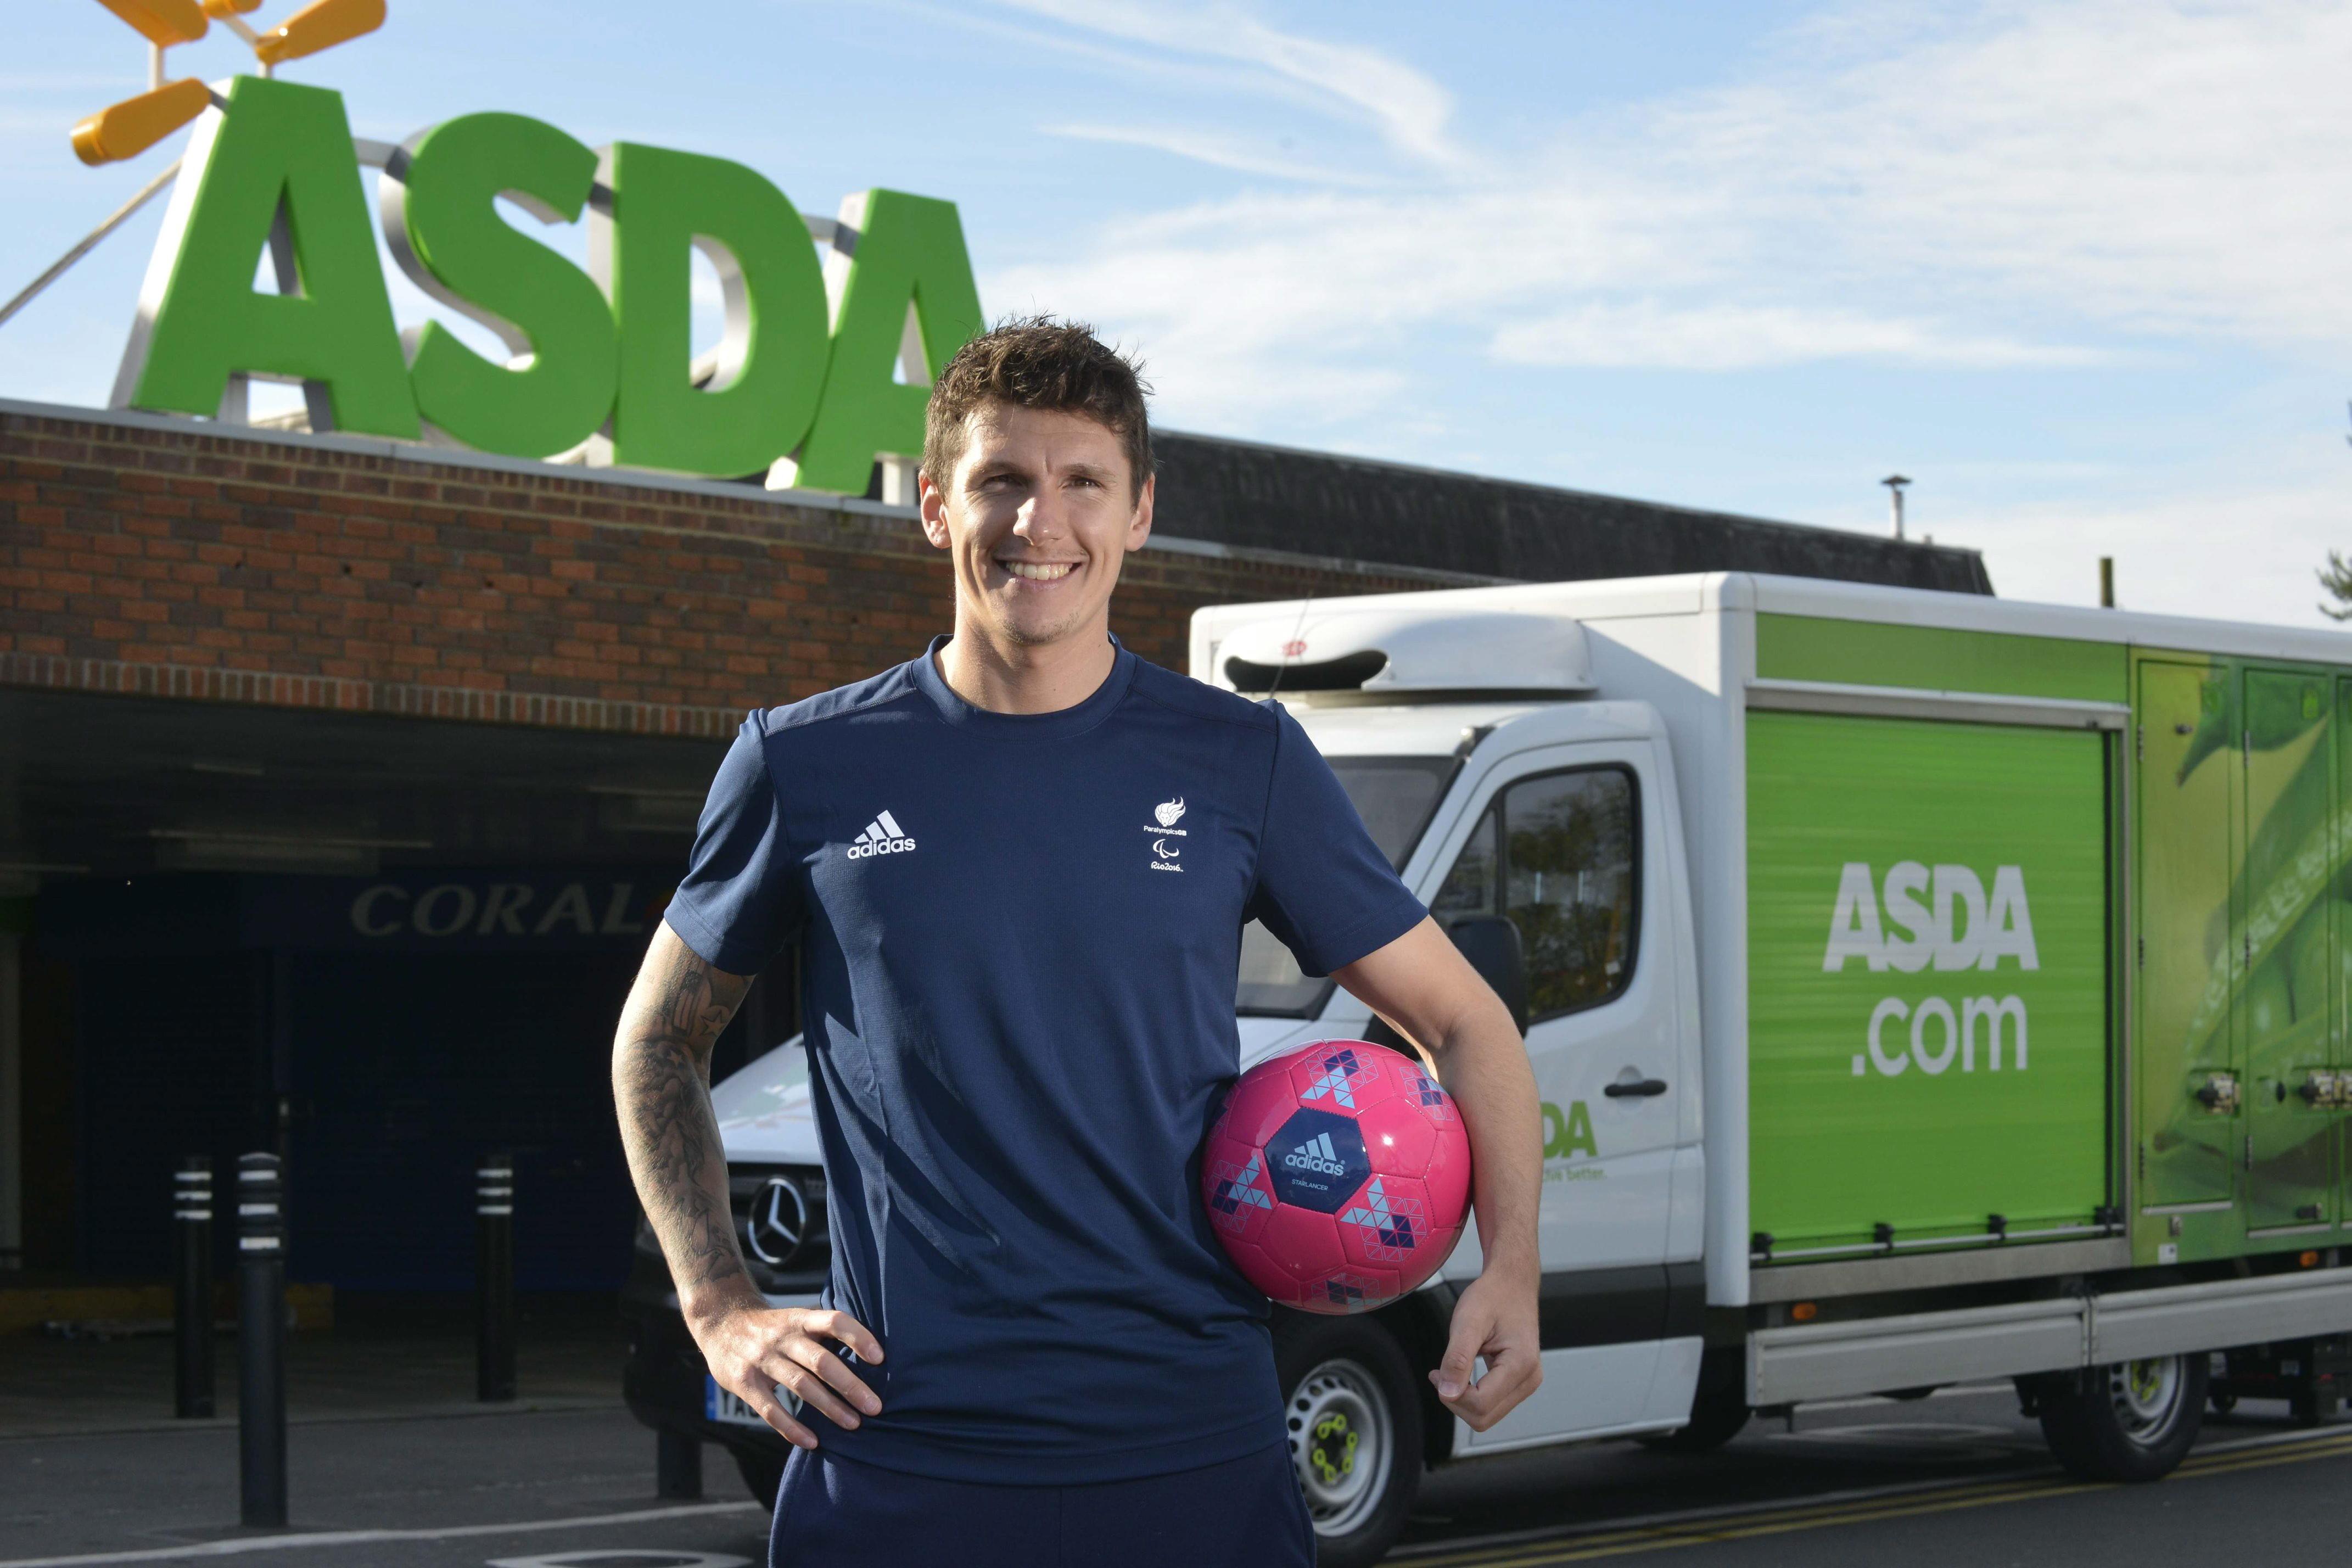 Asda Associate Matt Crossen standing in front of Asda and the ASDA.com truck